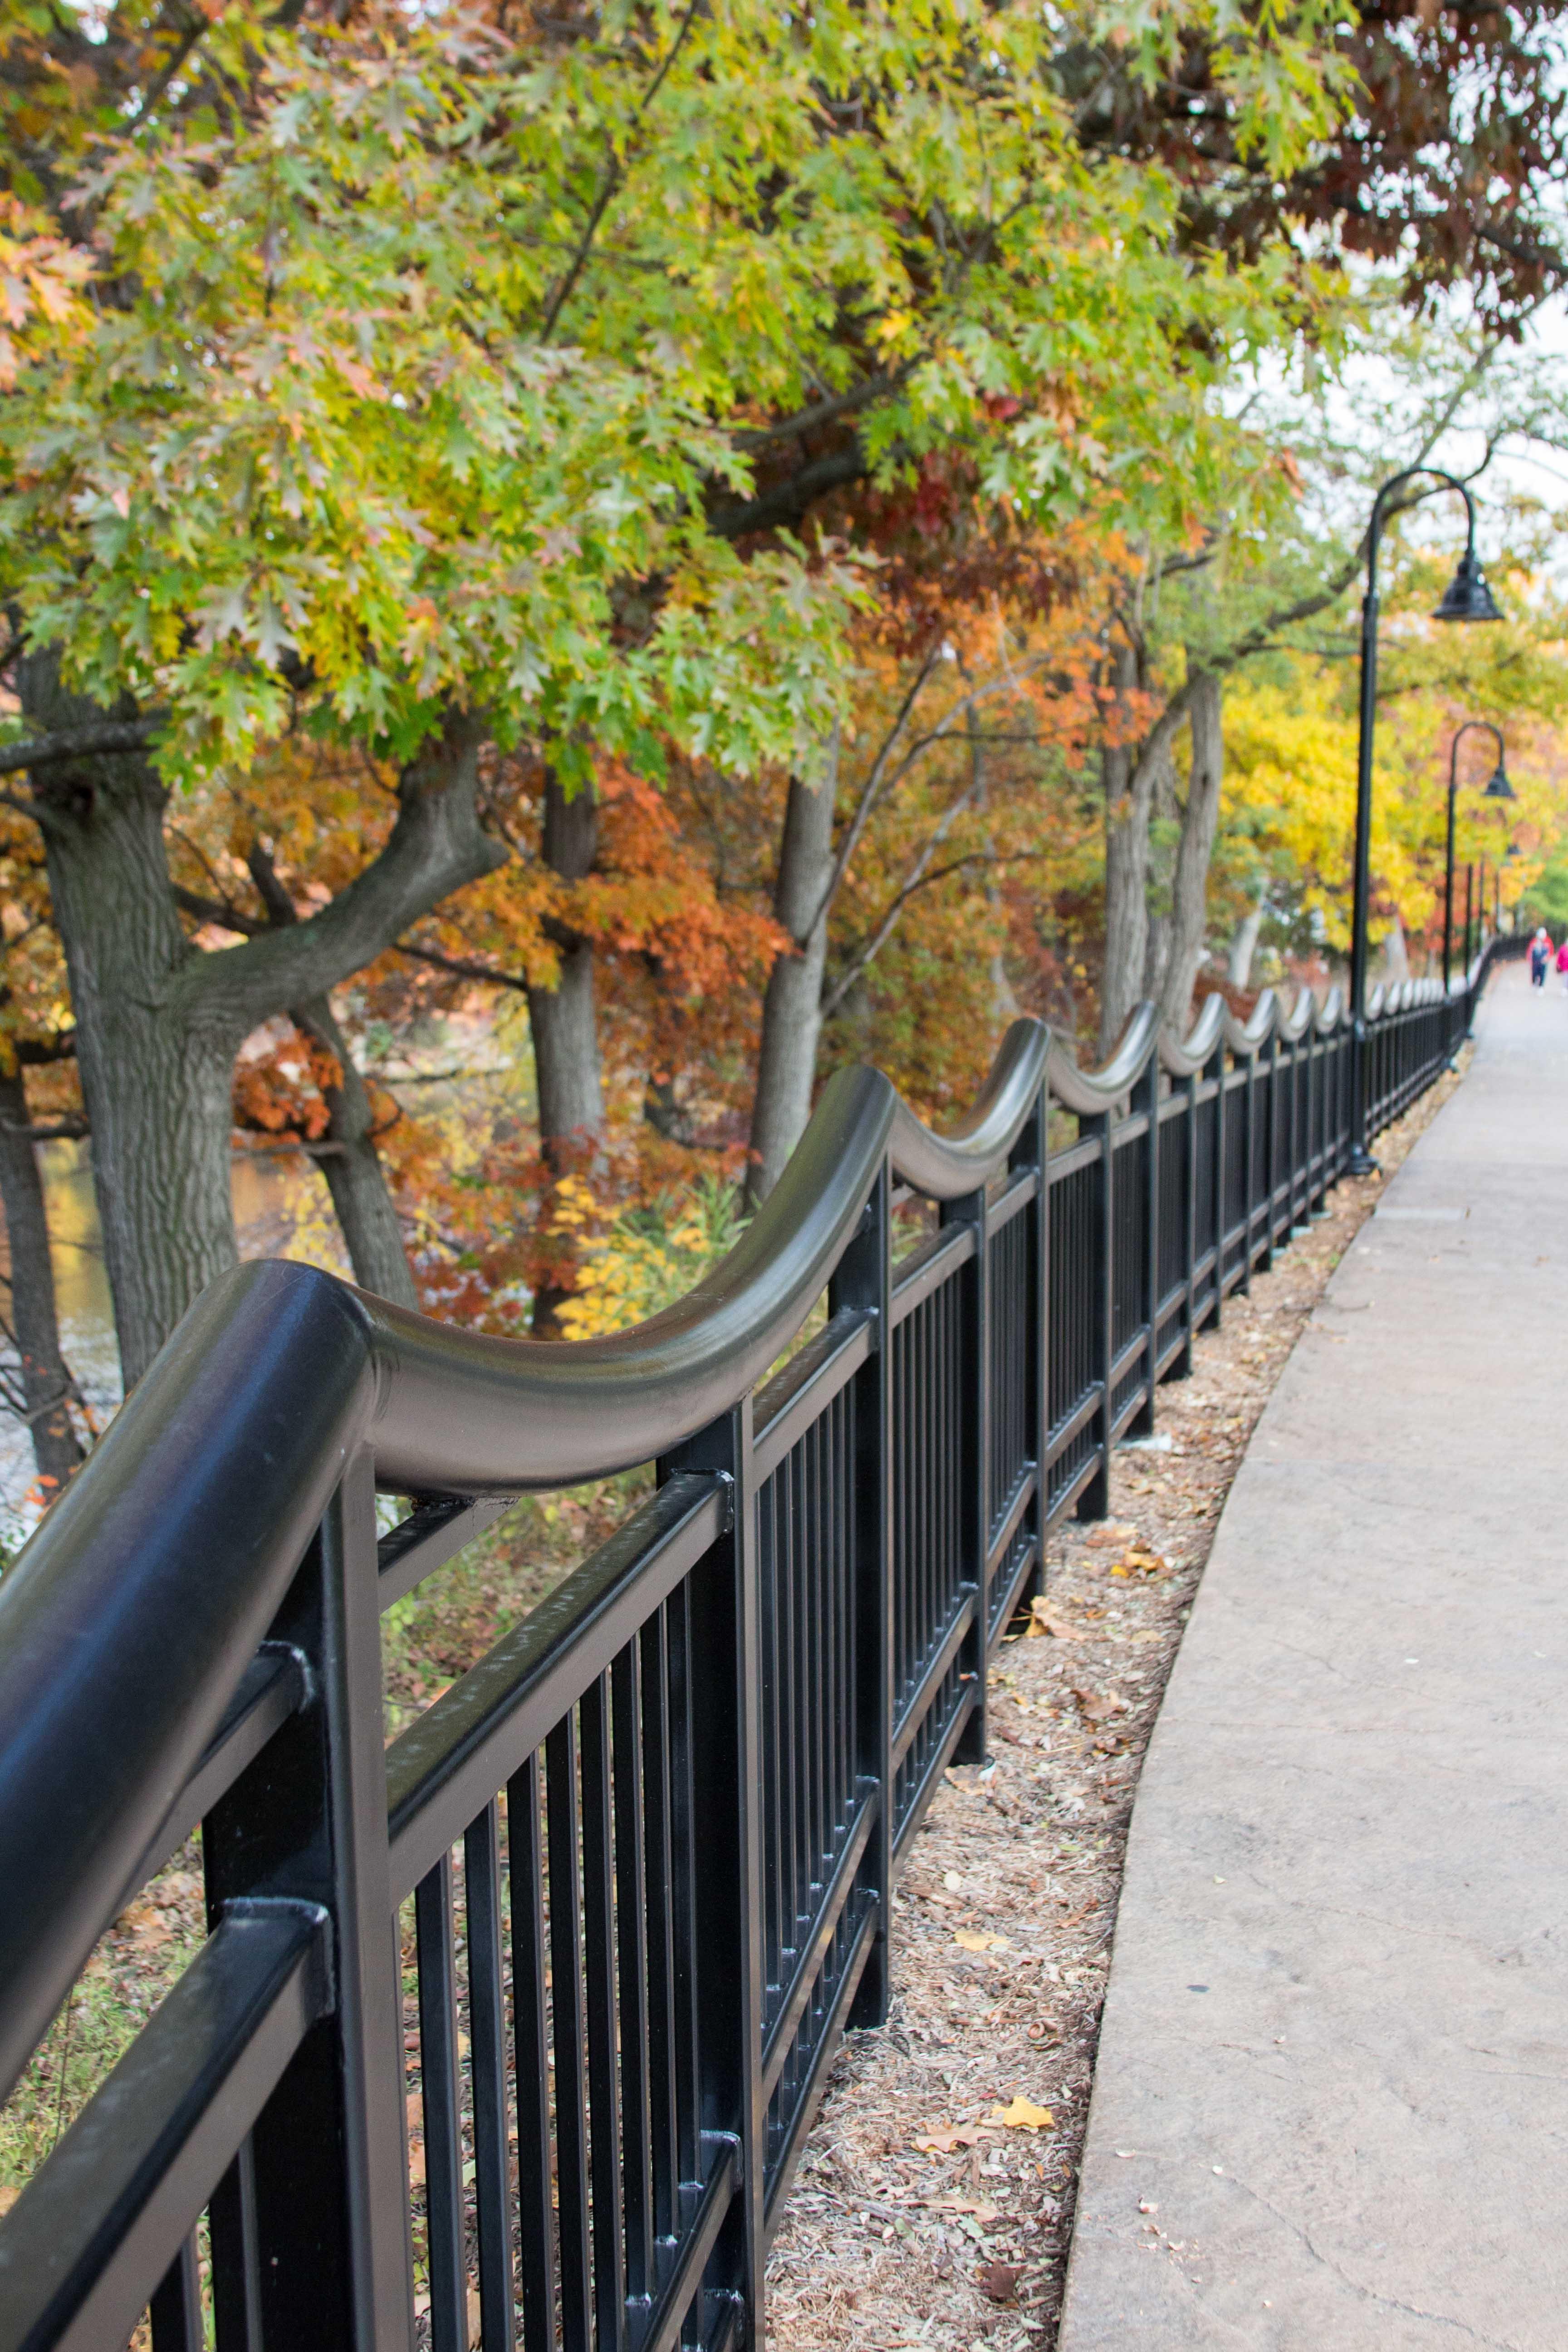 Wisconsin Dells Scenic Riverwalk